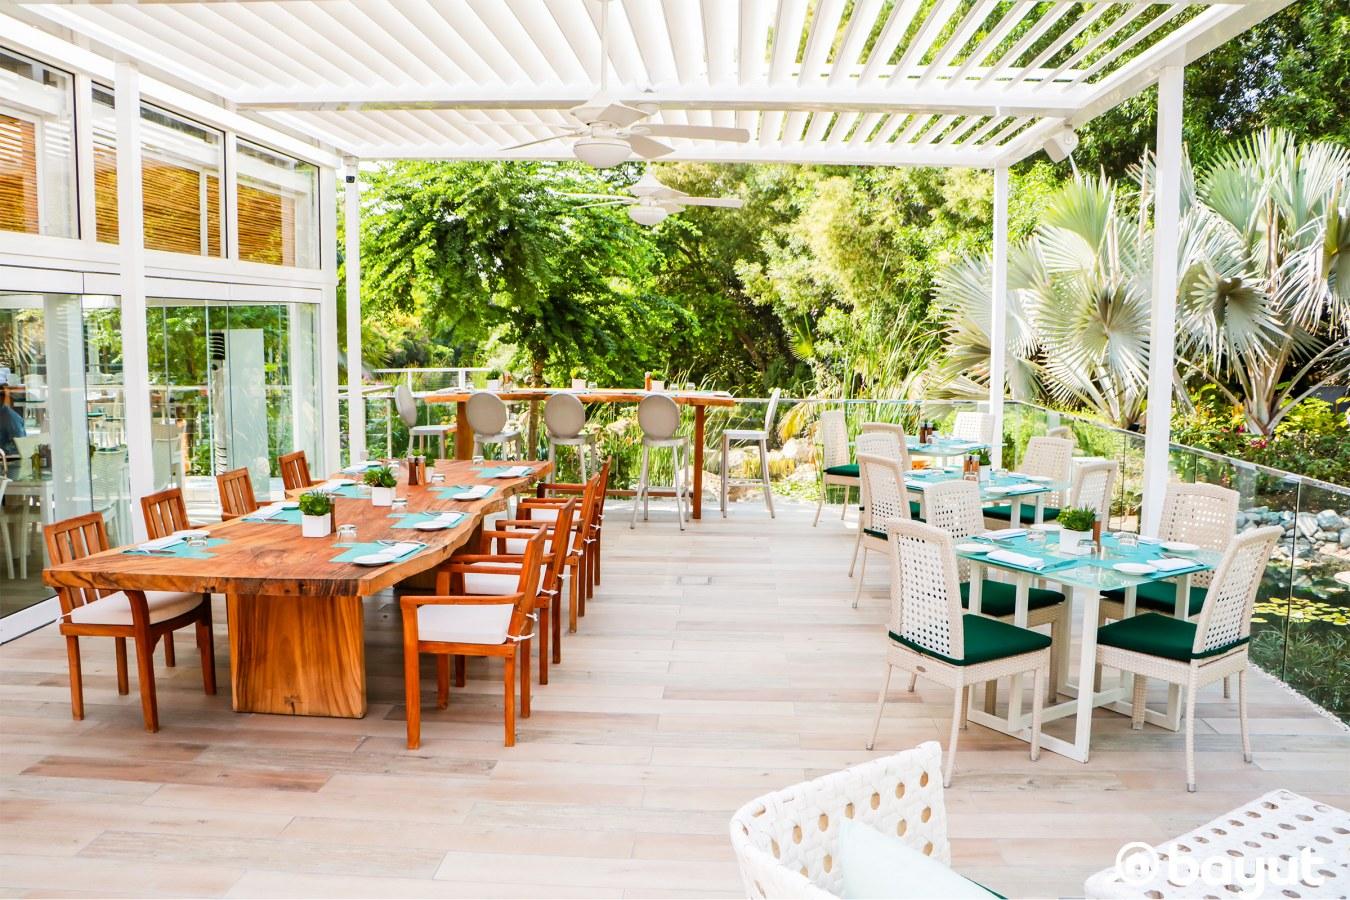 Hasil gambar untuk the farm cafe dubai